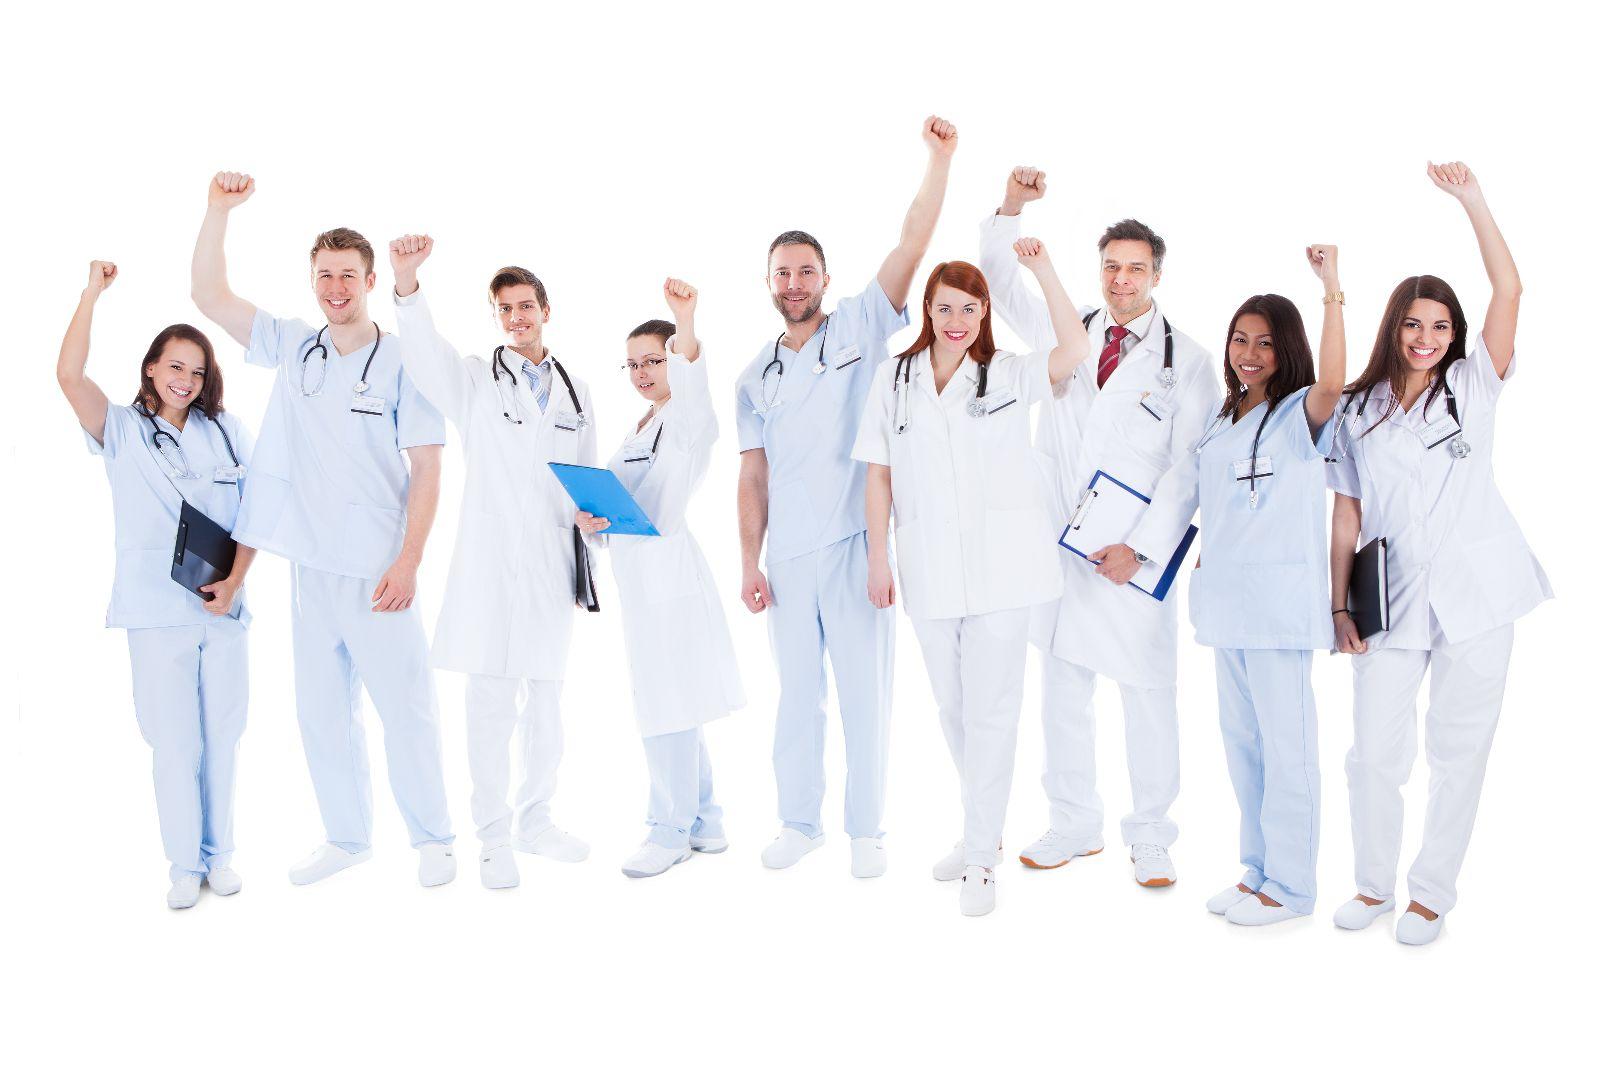 Médicos con la mano en alto y expresión de alegría